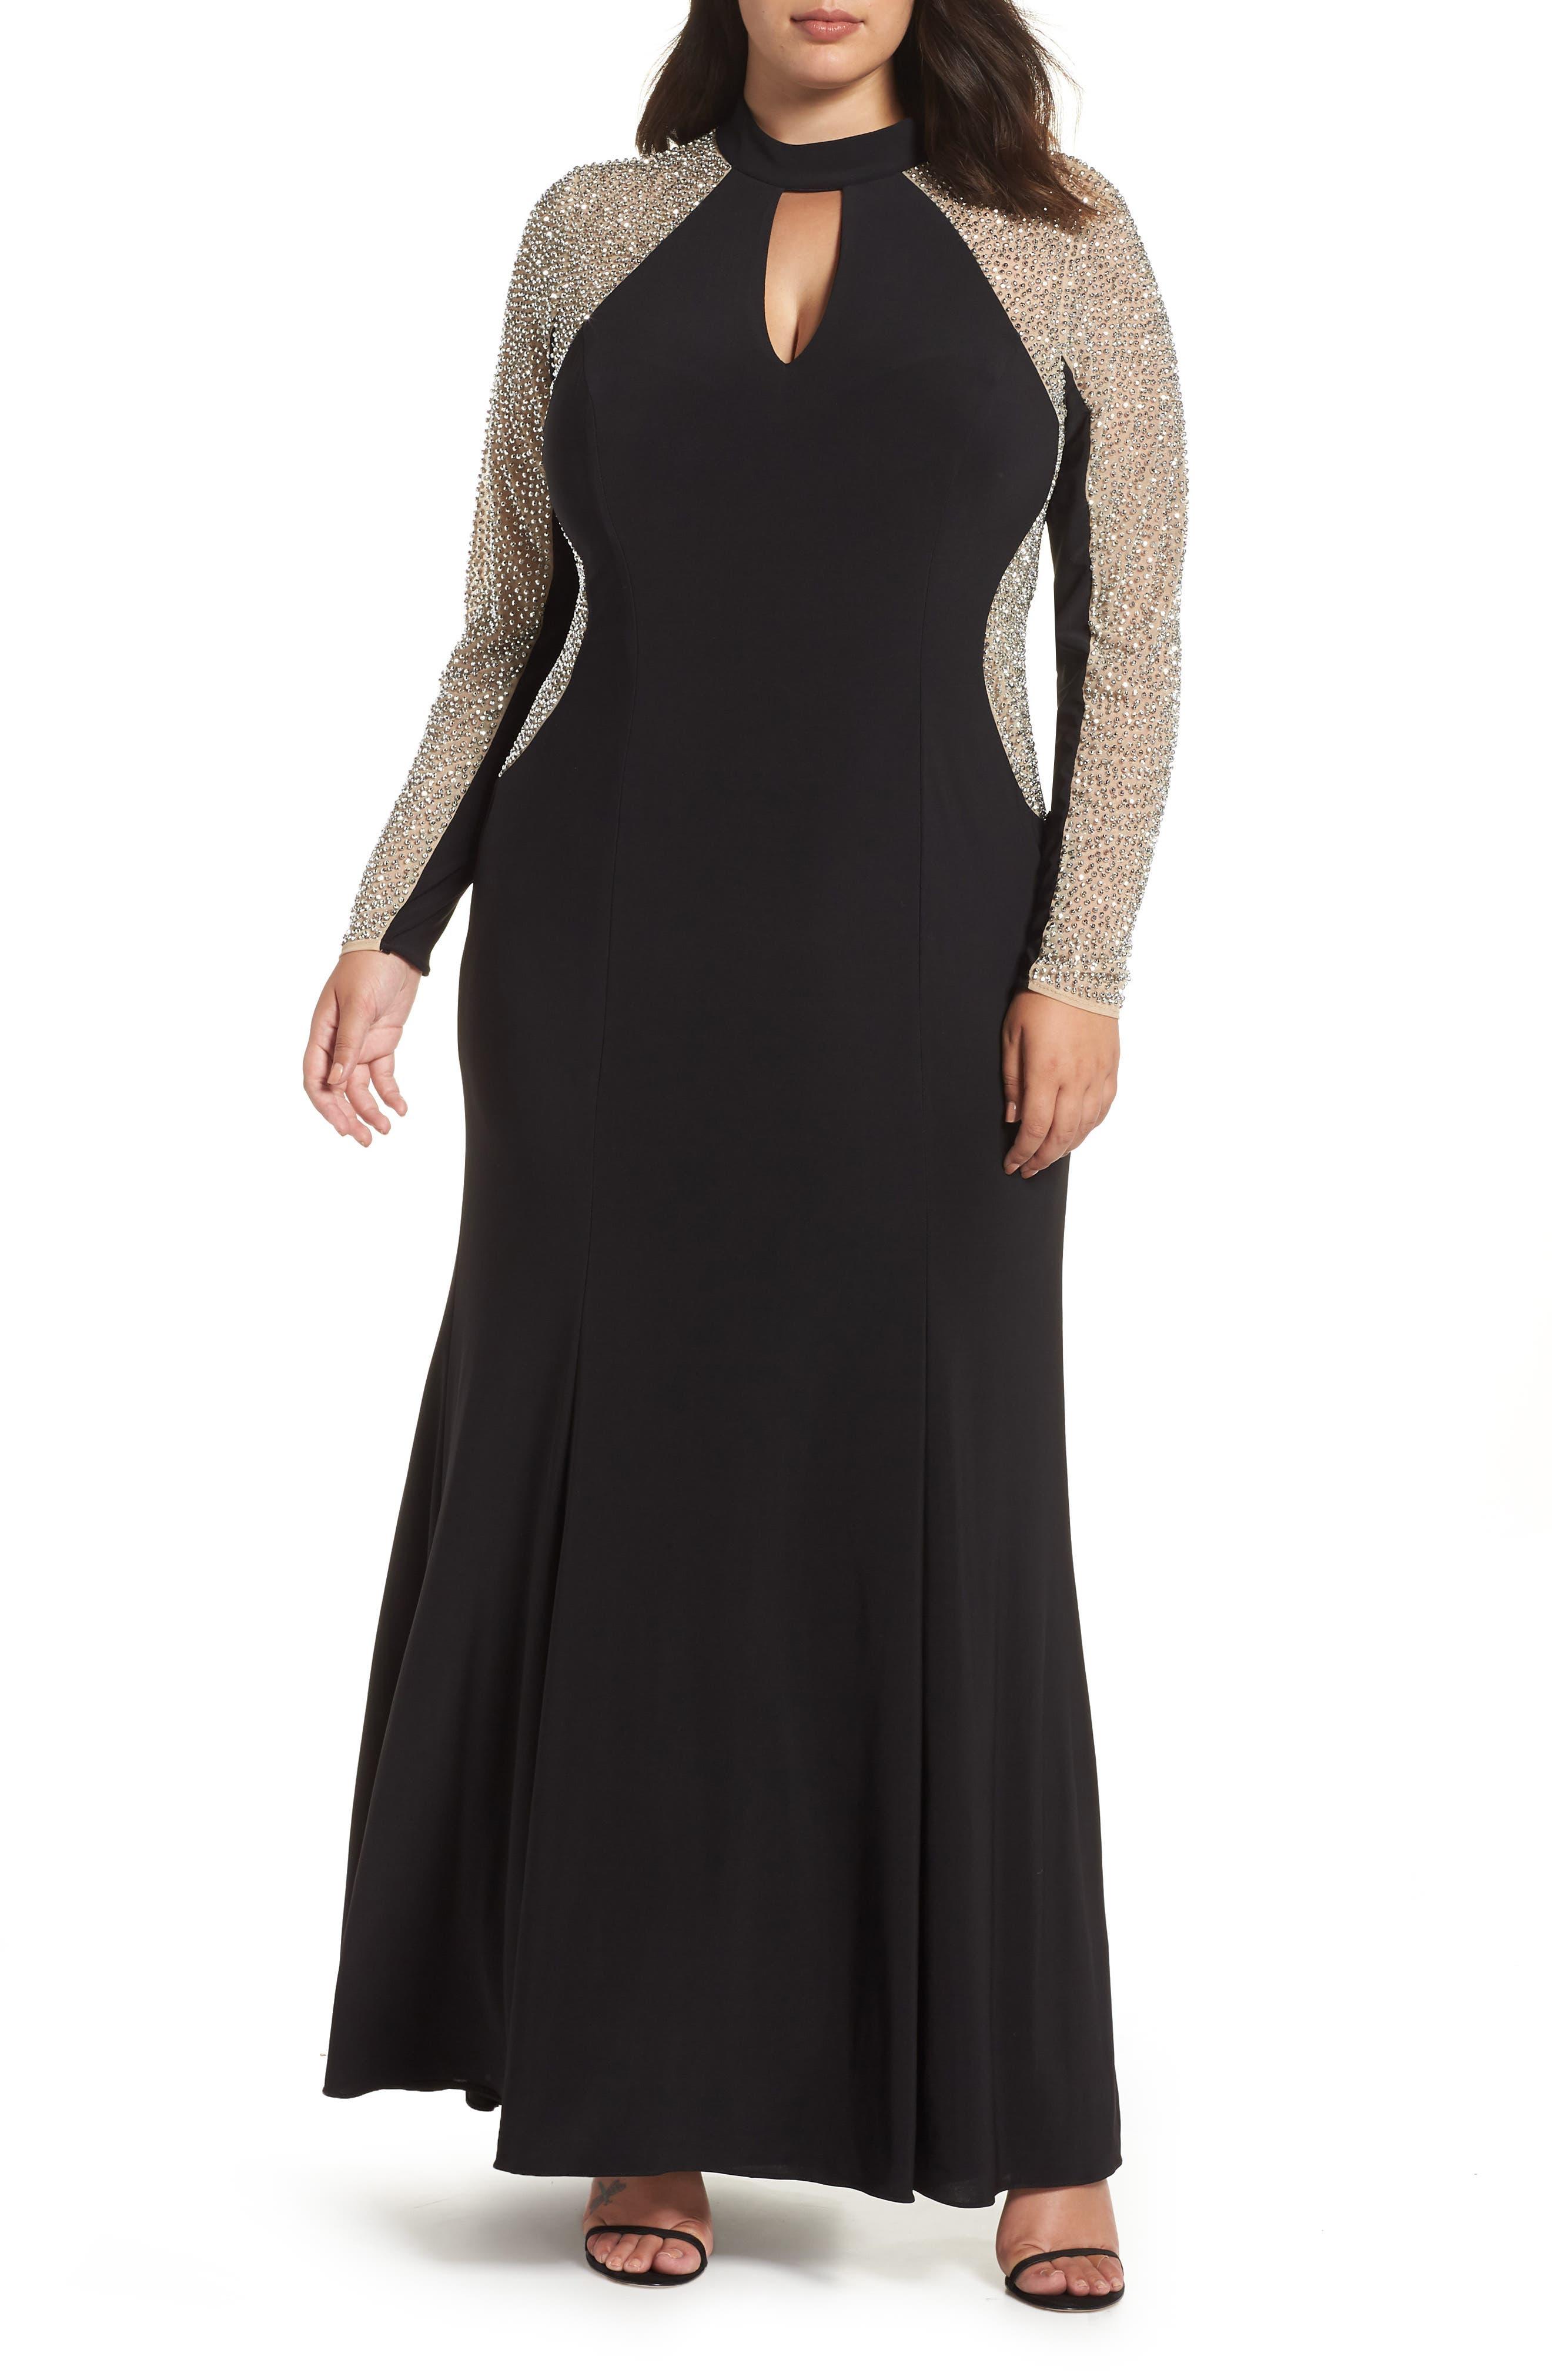 94df7a6c160 Xscape Plus-Size Clothing for Women